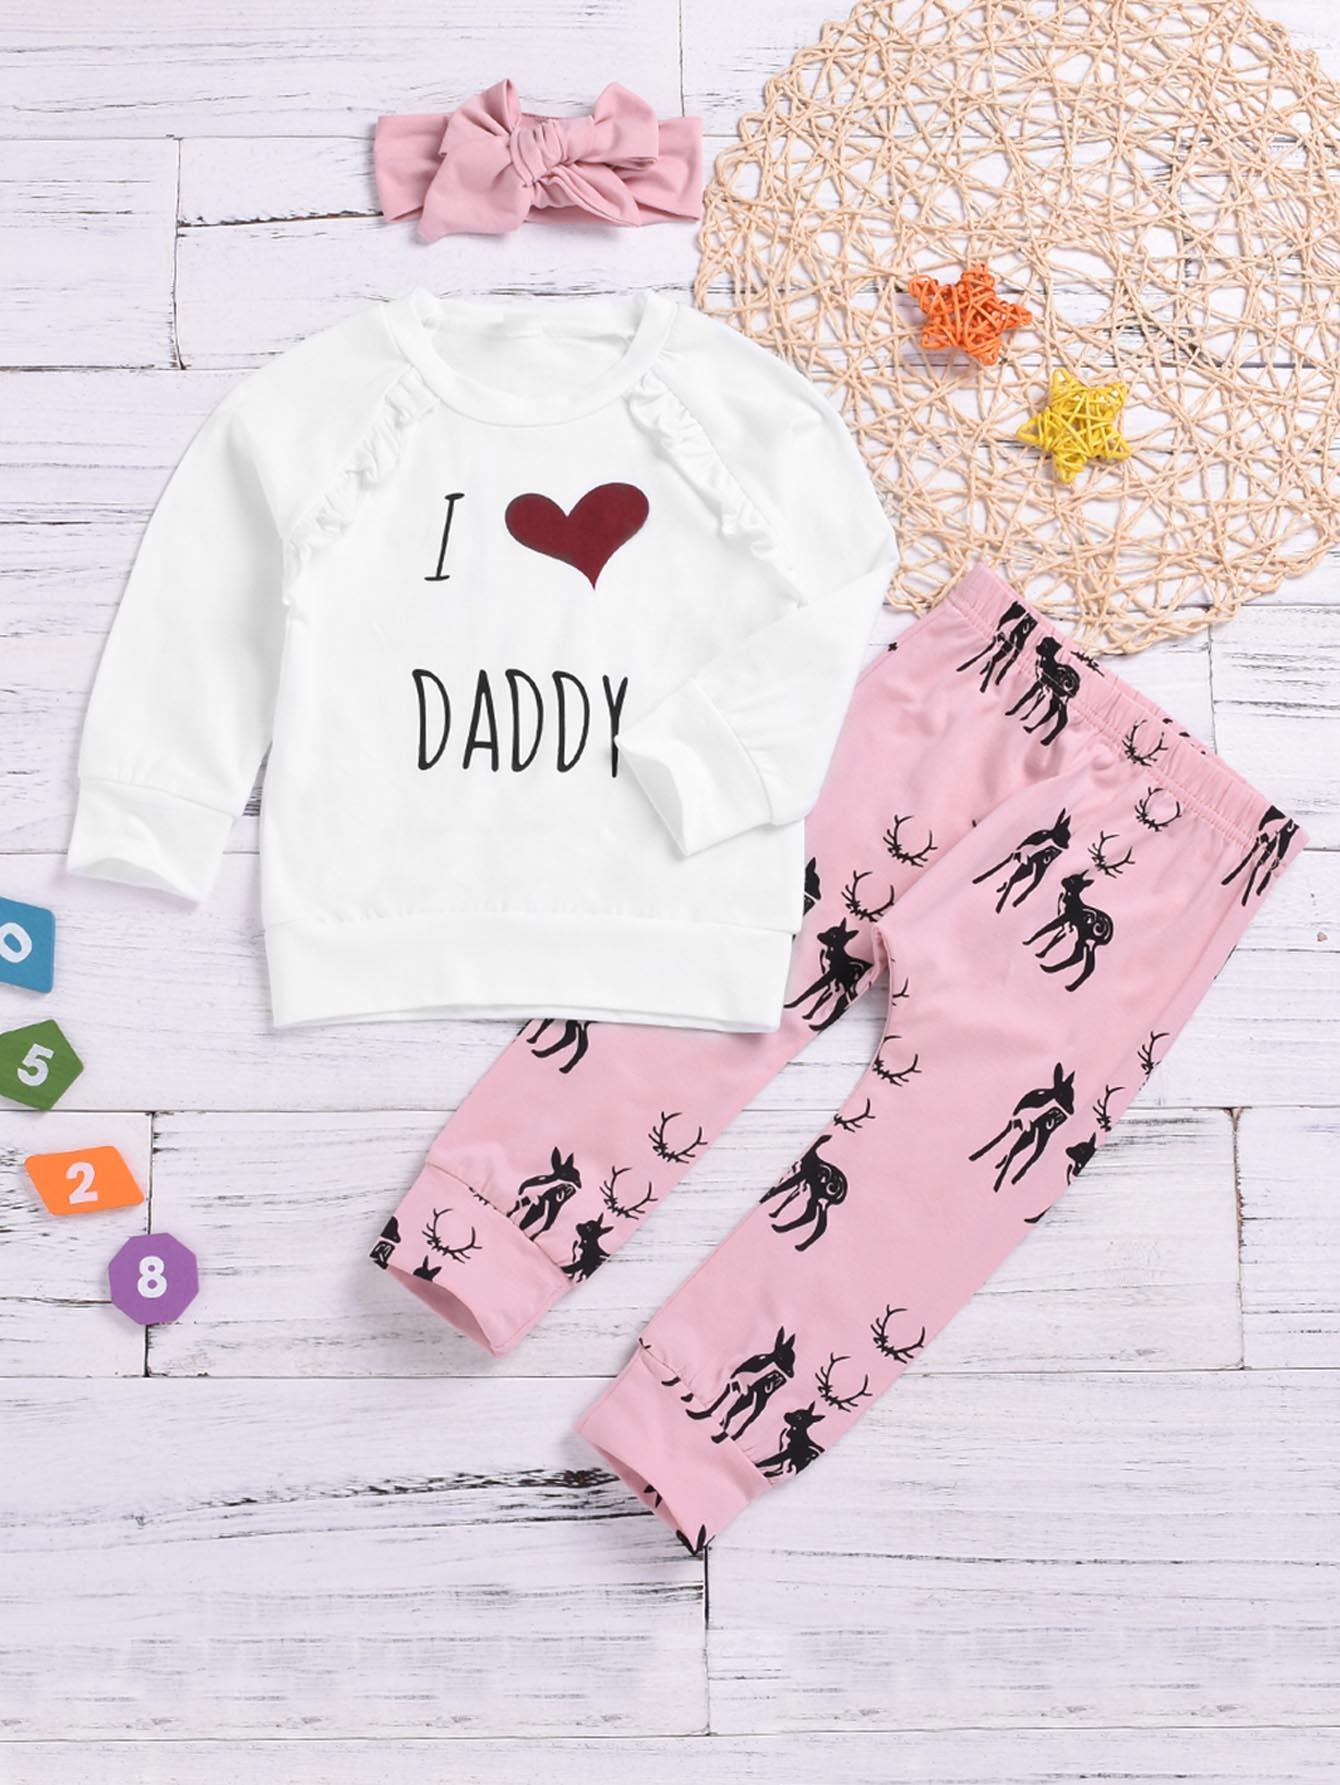 Купить Свитшот с текстовым принтом и брюки с принтом оленя и повязка на голову для маленьких девочек, null, SheIn